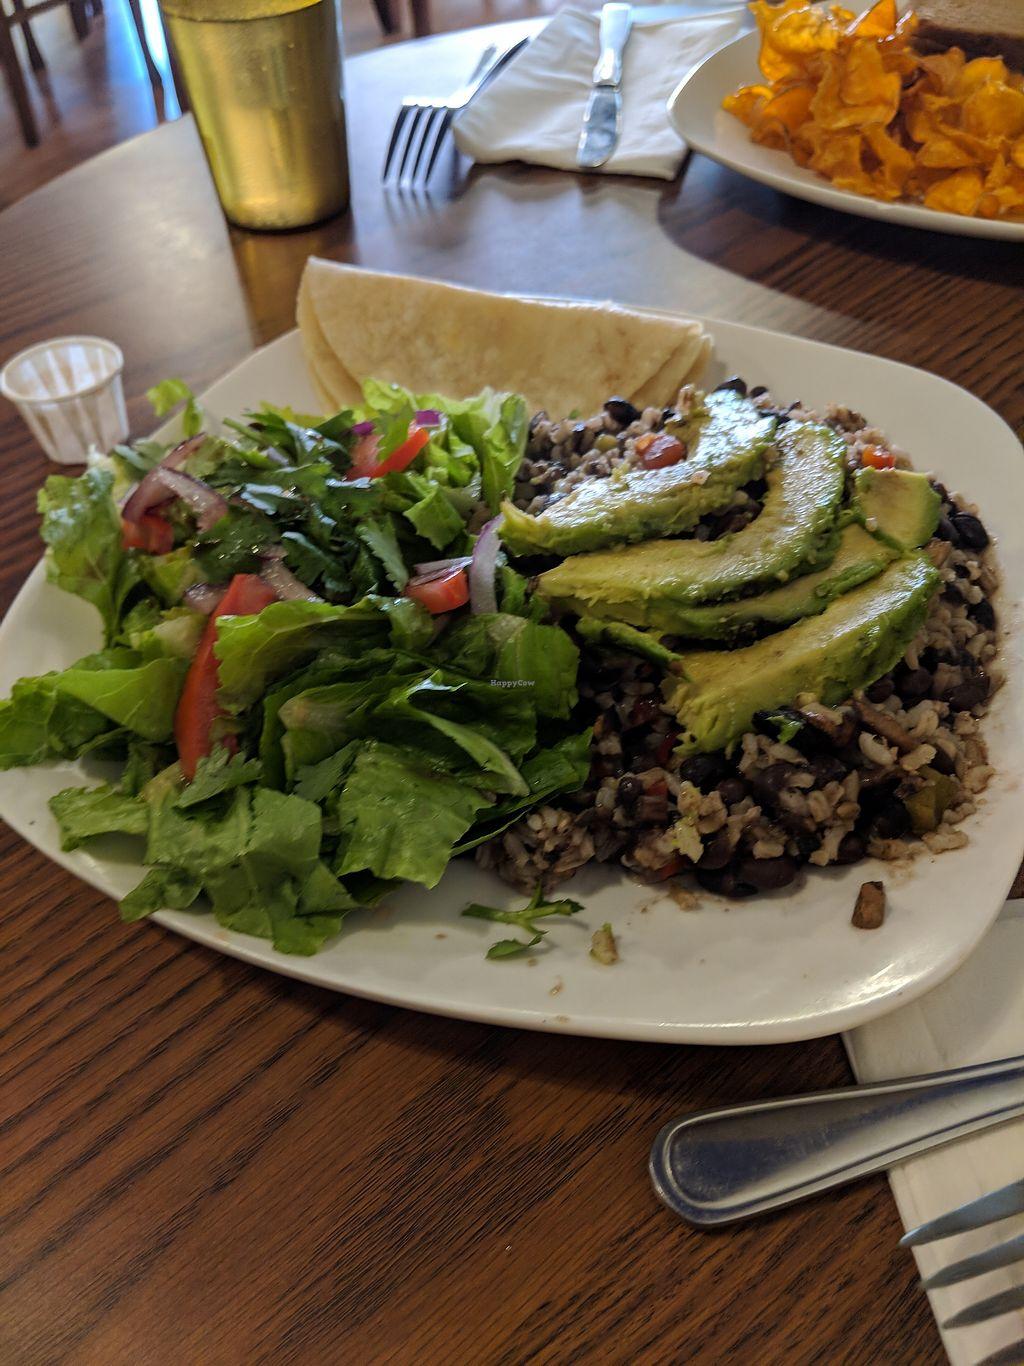 The Healthier Place to Eat - Pocatello Idaho Restaurant